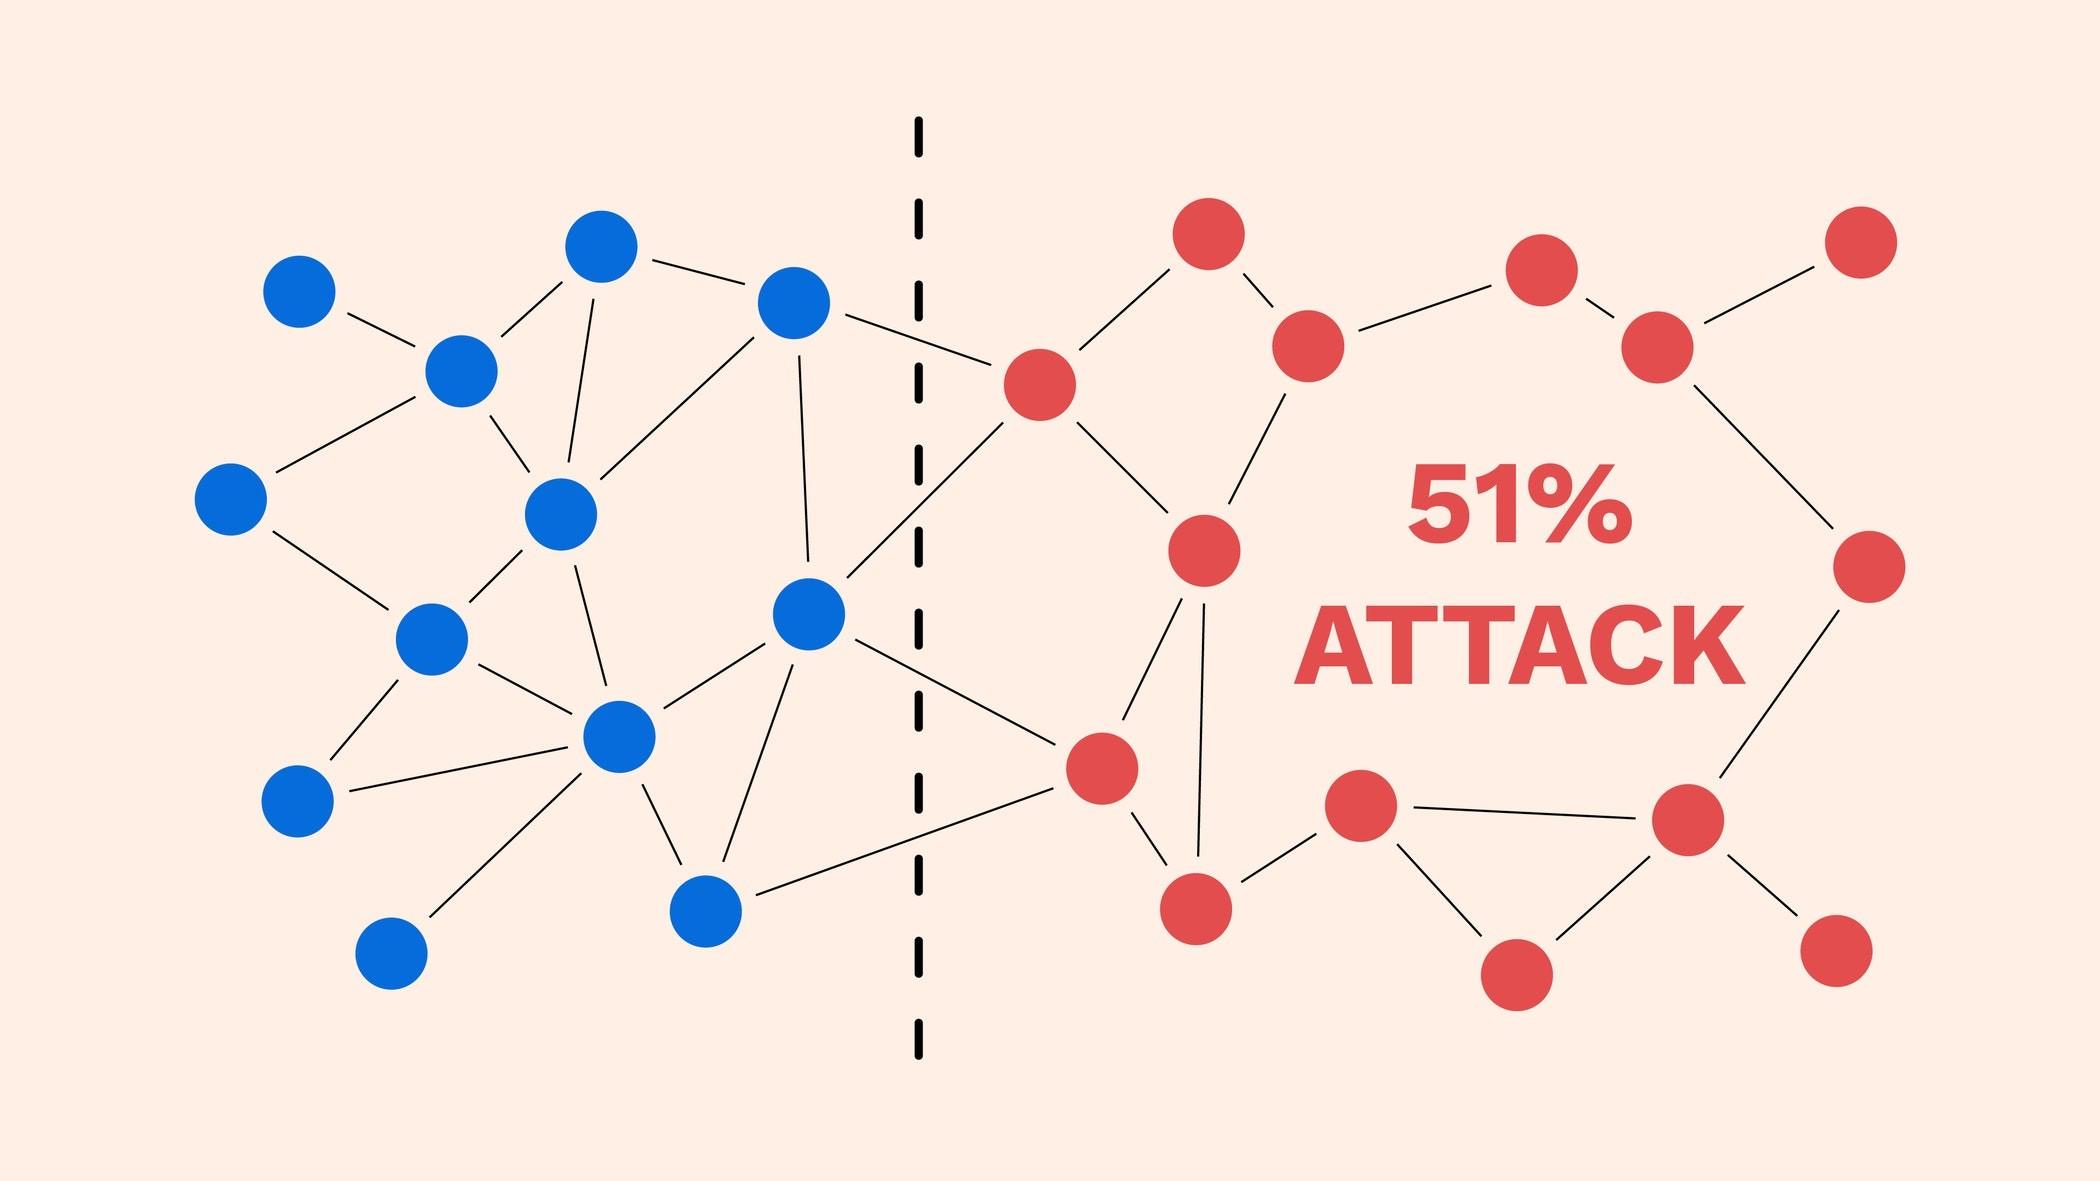 51 attacks